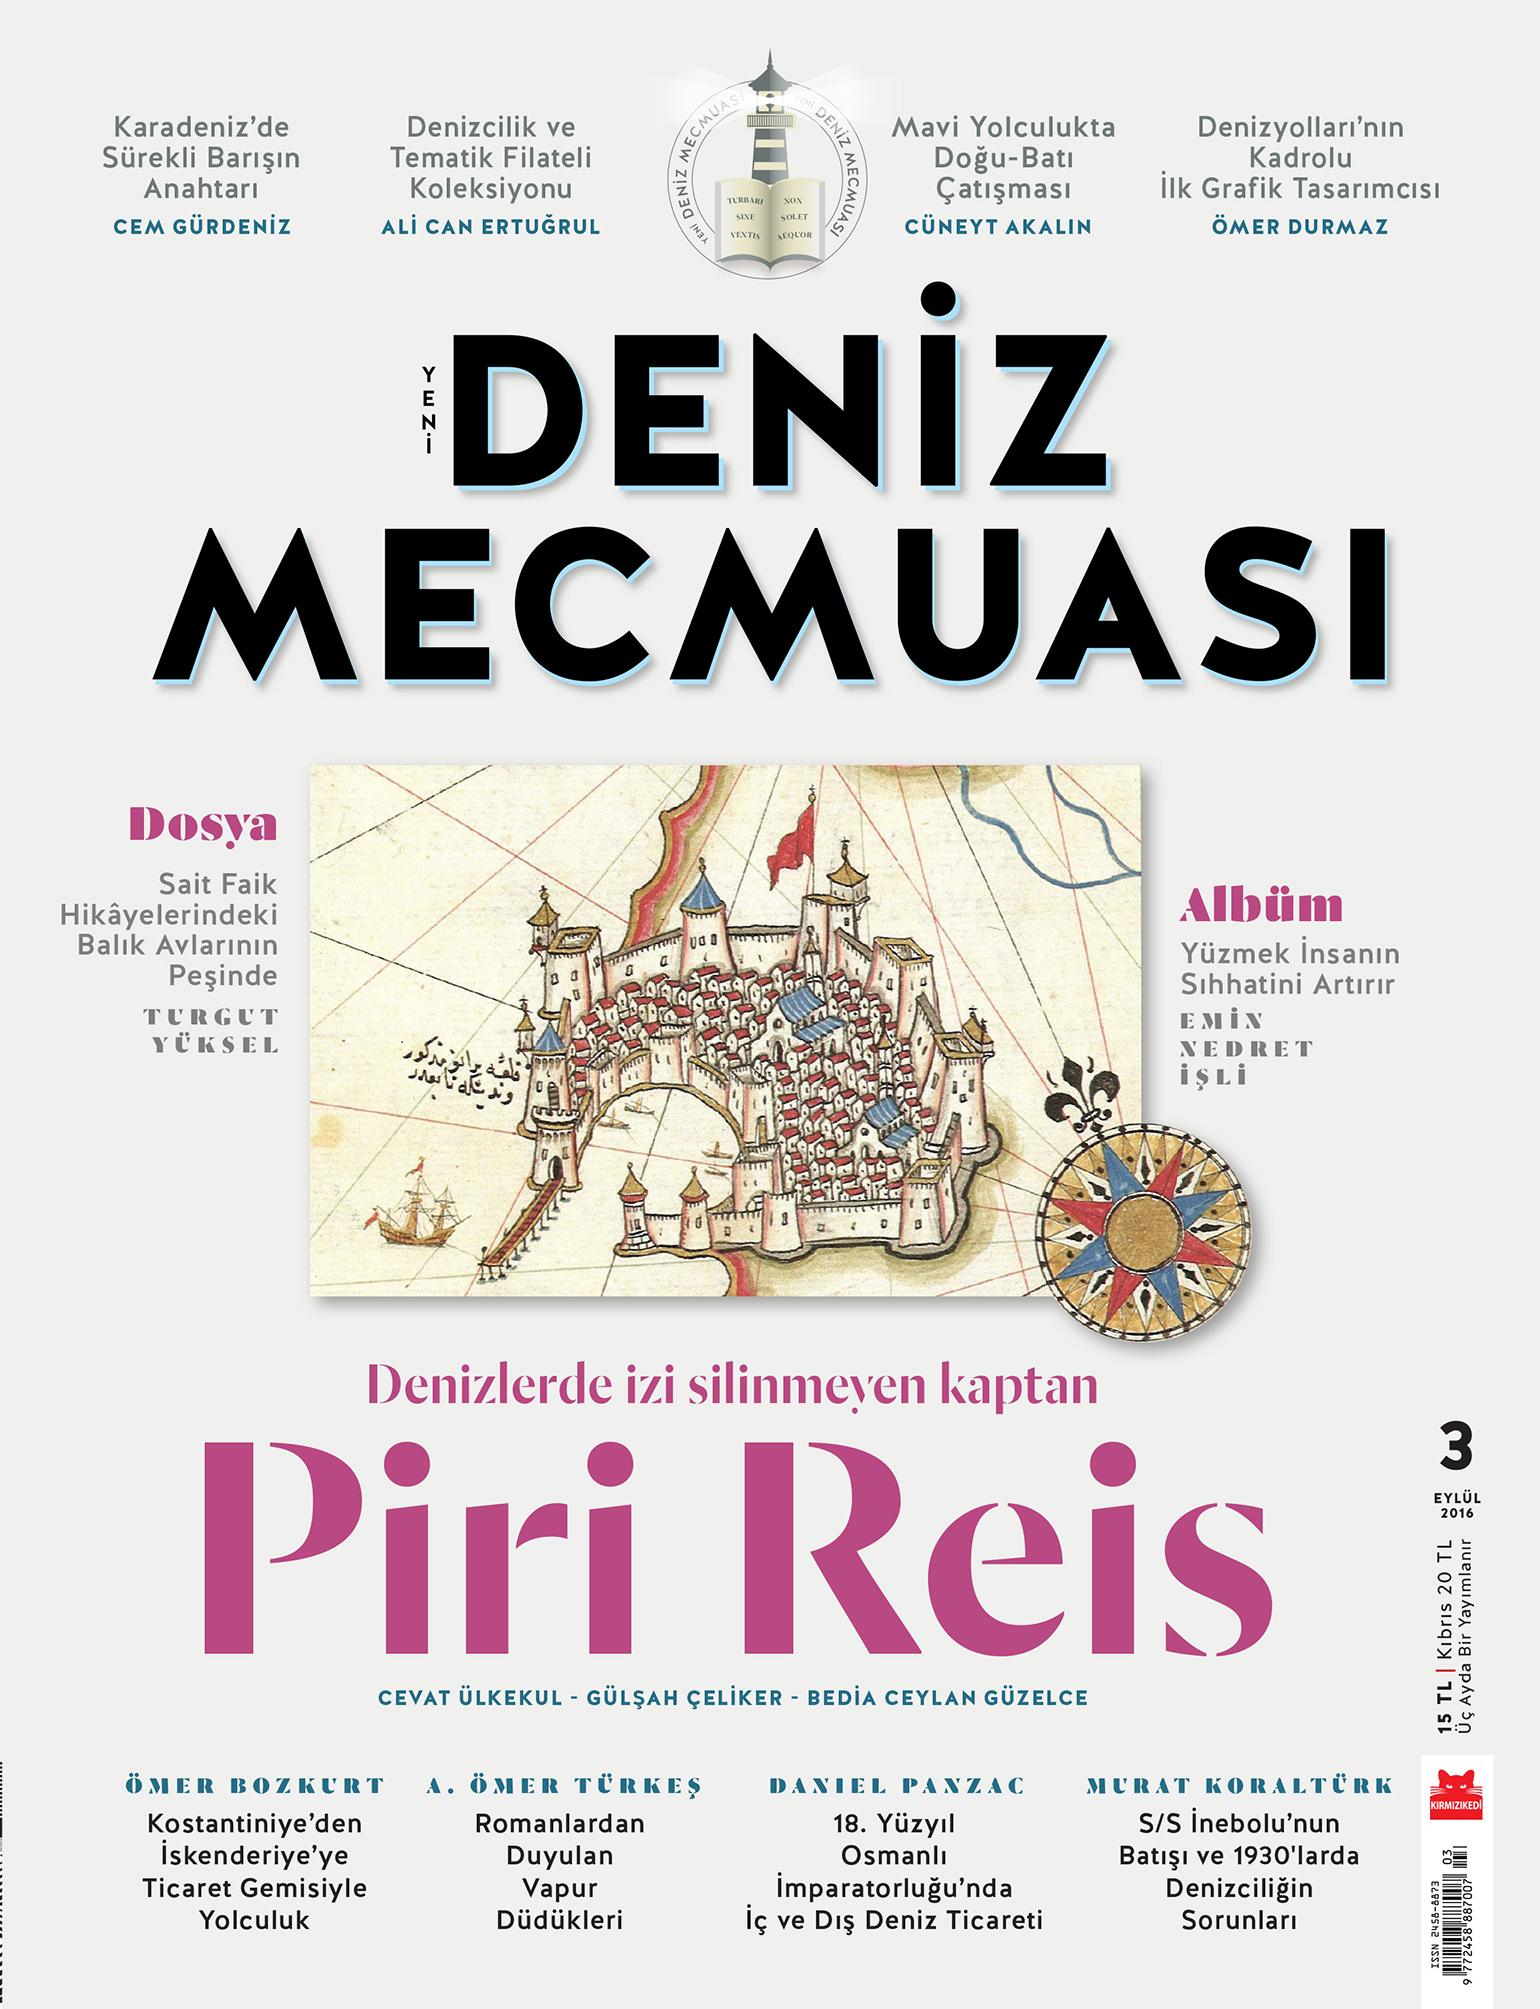 YeniDeniz_MecmuasiKapak3